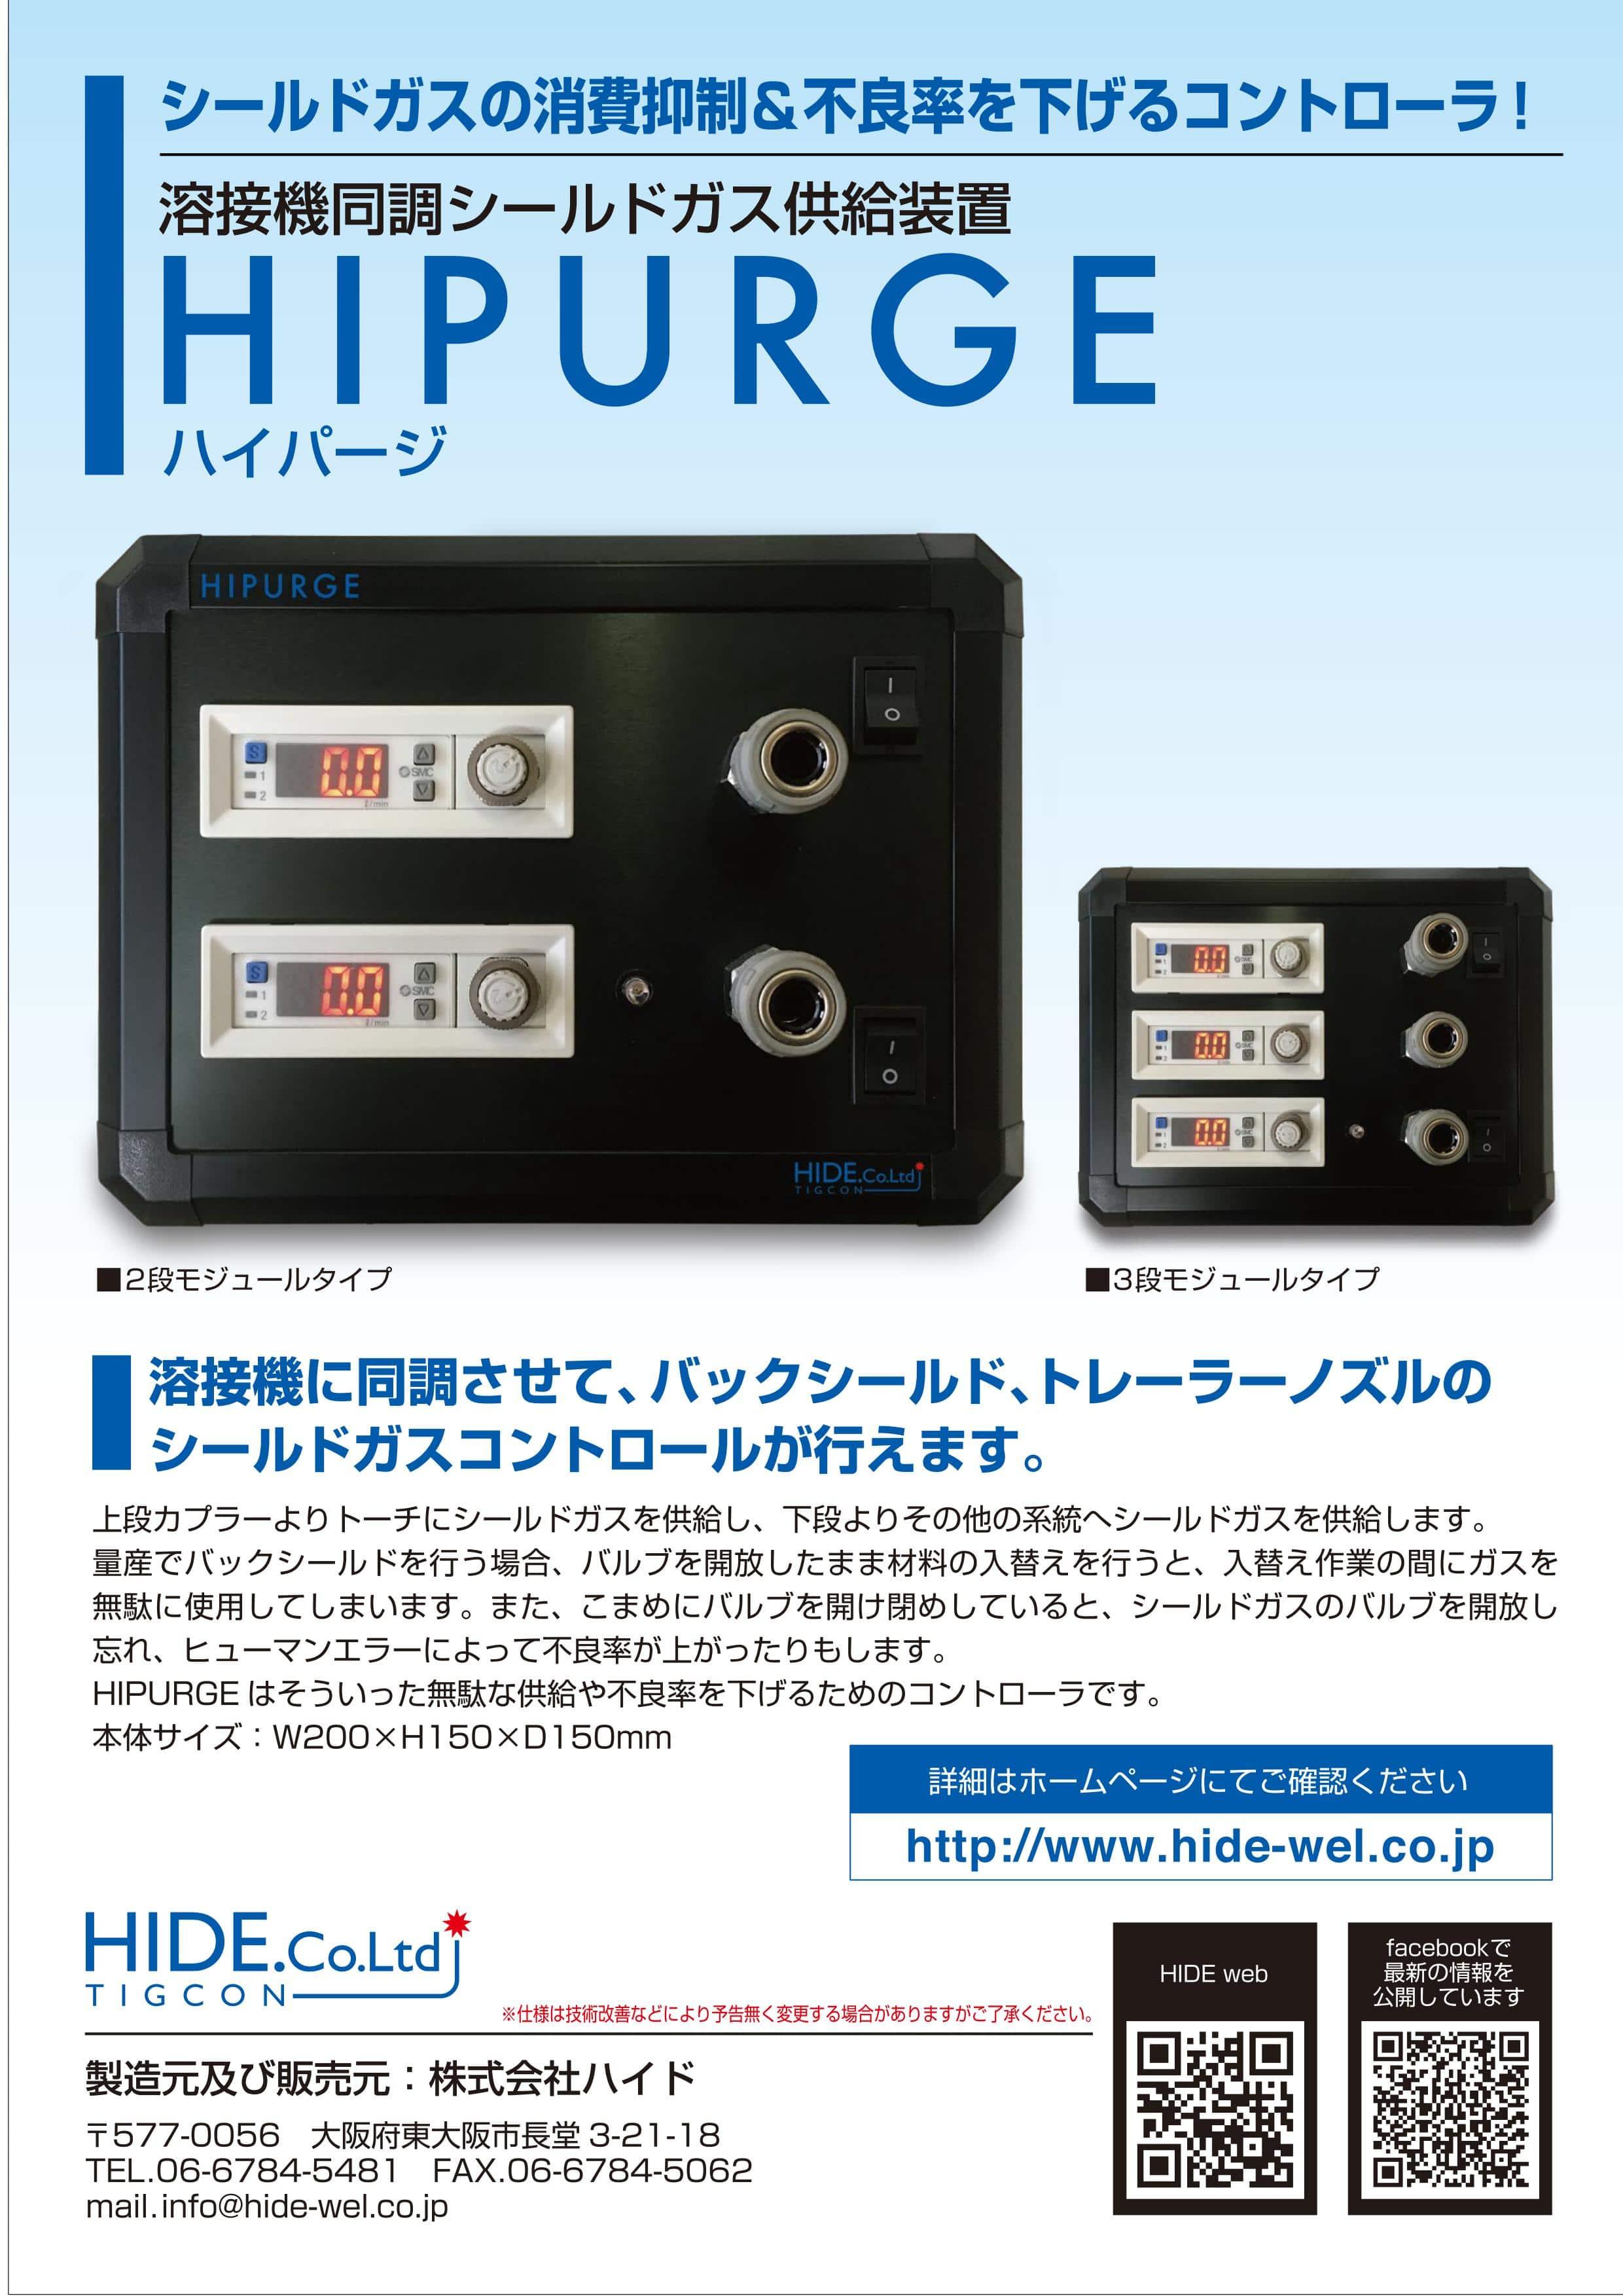 HIPURGE